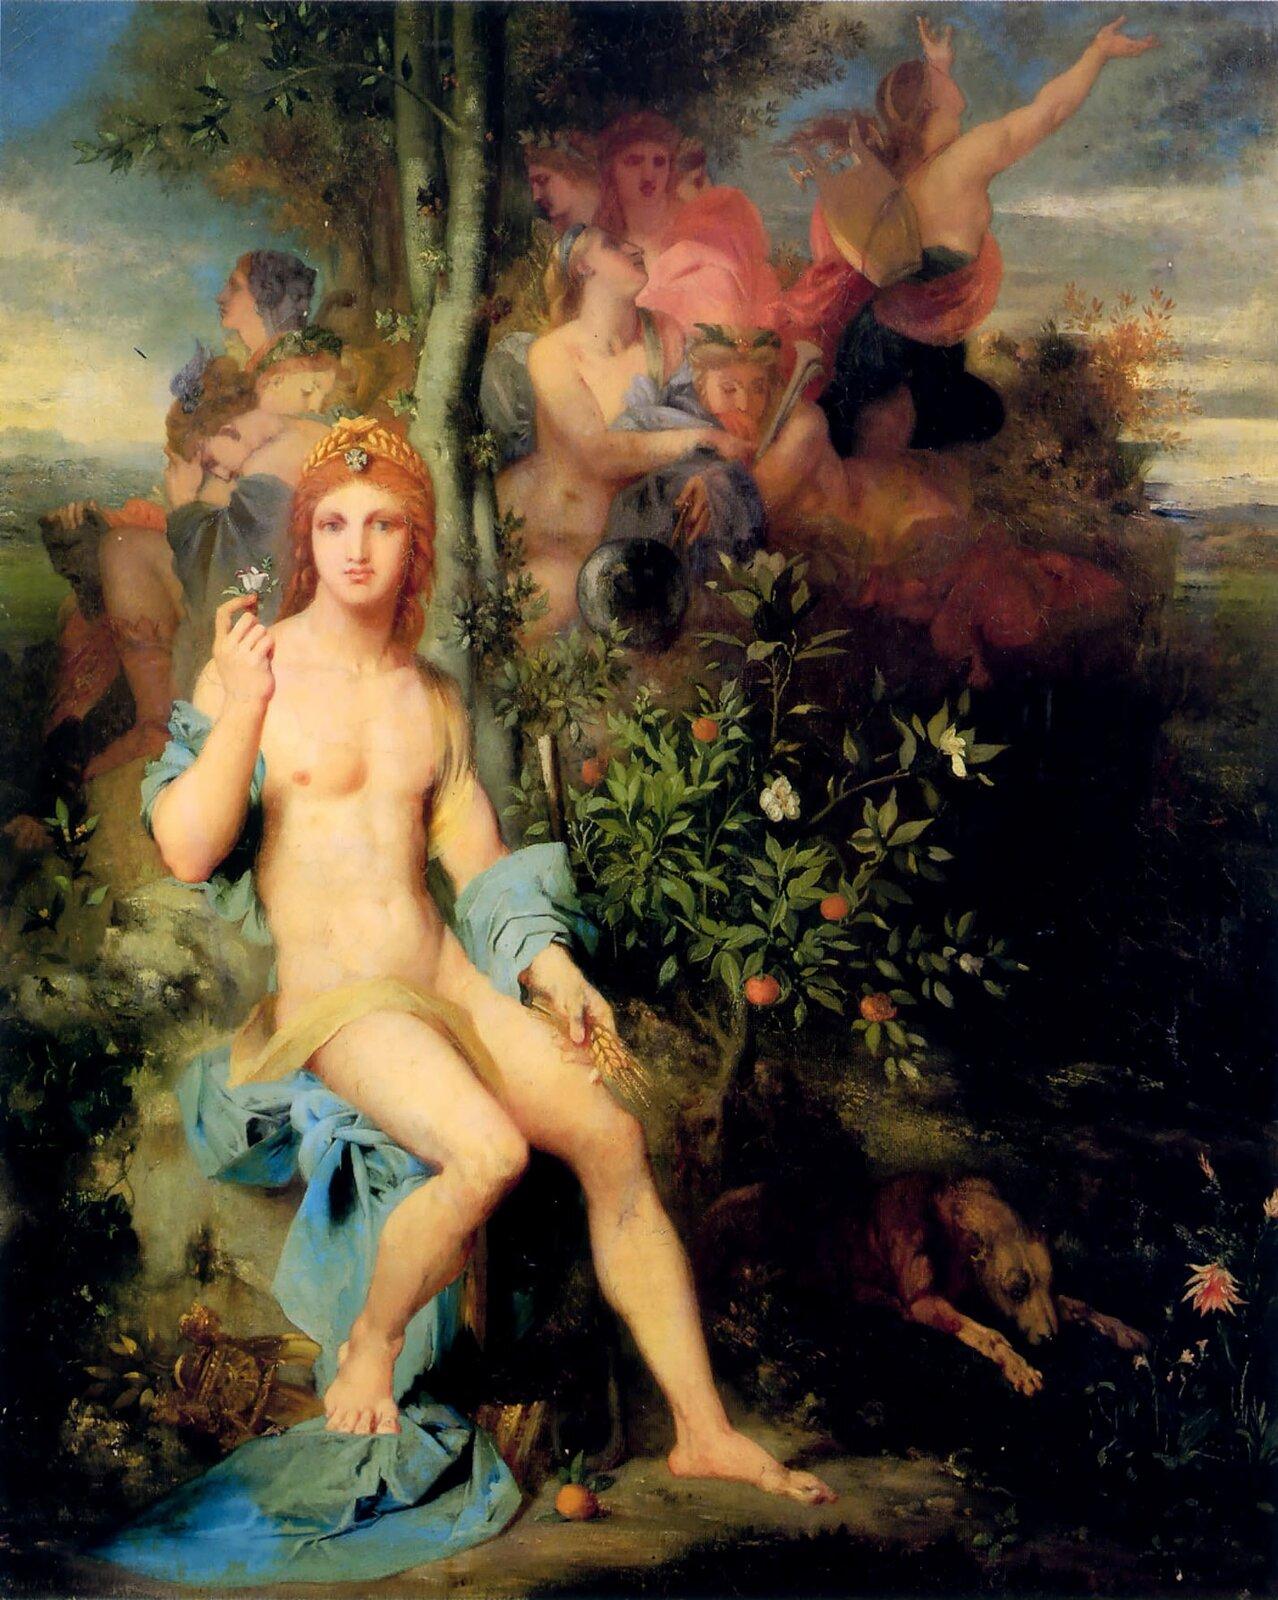 Apollo idziewięć muz Źródło: Gustave Moreau, Apollo idziewięć muz, 1856, olej na płótnie, prywatna kolekcja, domena publiczna.